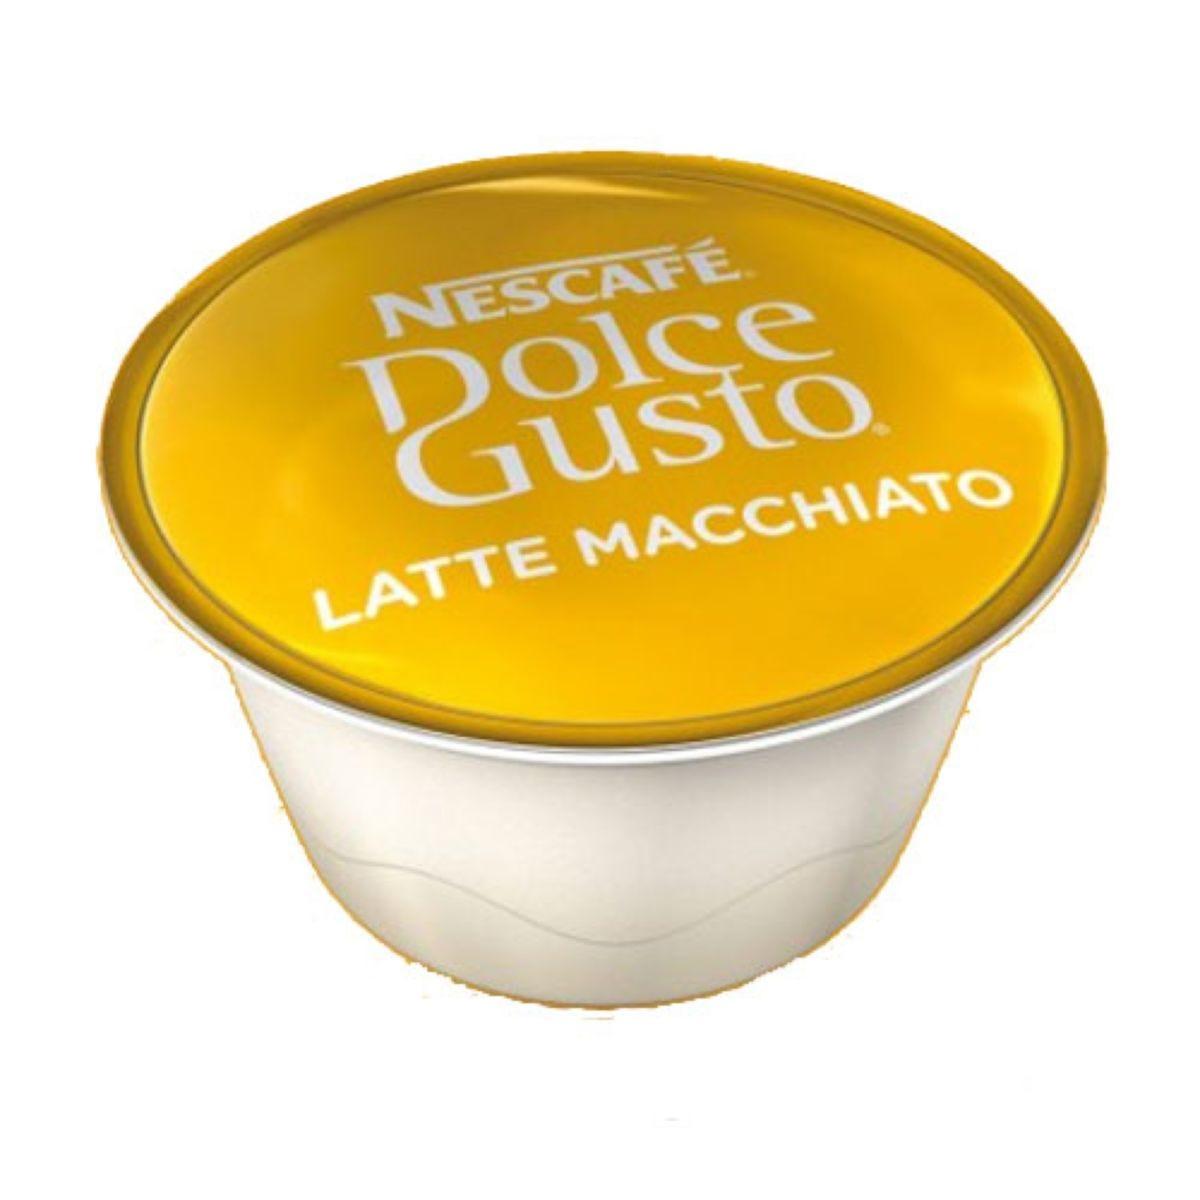 Nescafé Dolce Gusto Latte Macchiato Pods - 8 Pack